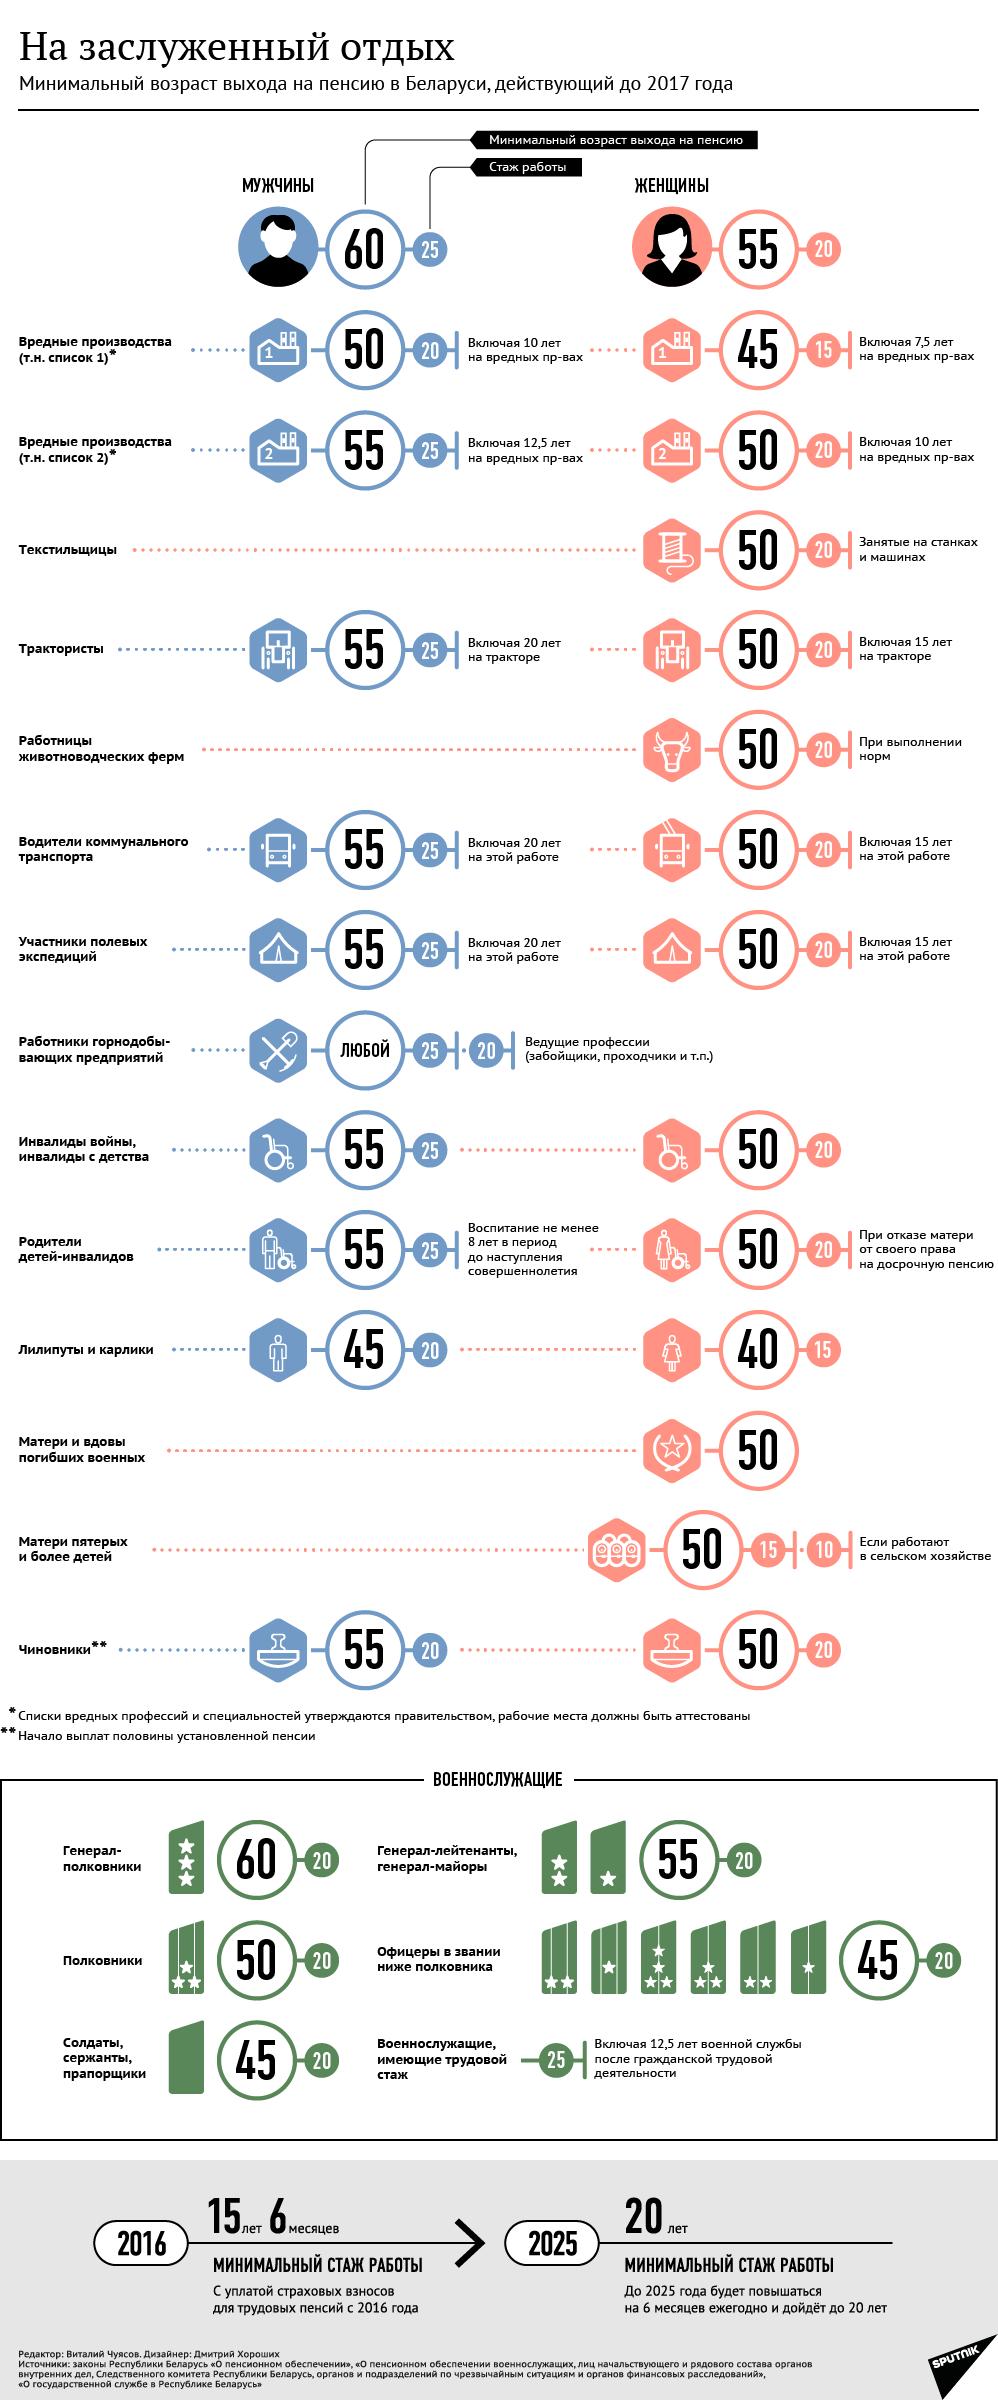 Возраст выхода на пенсию в казахстане 2017